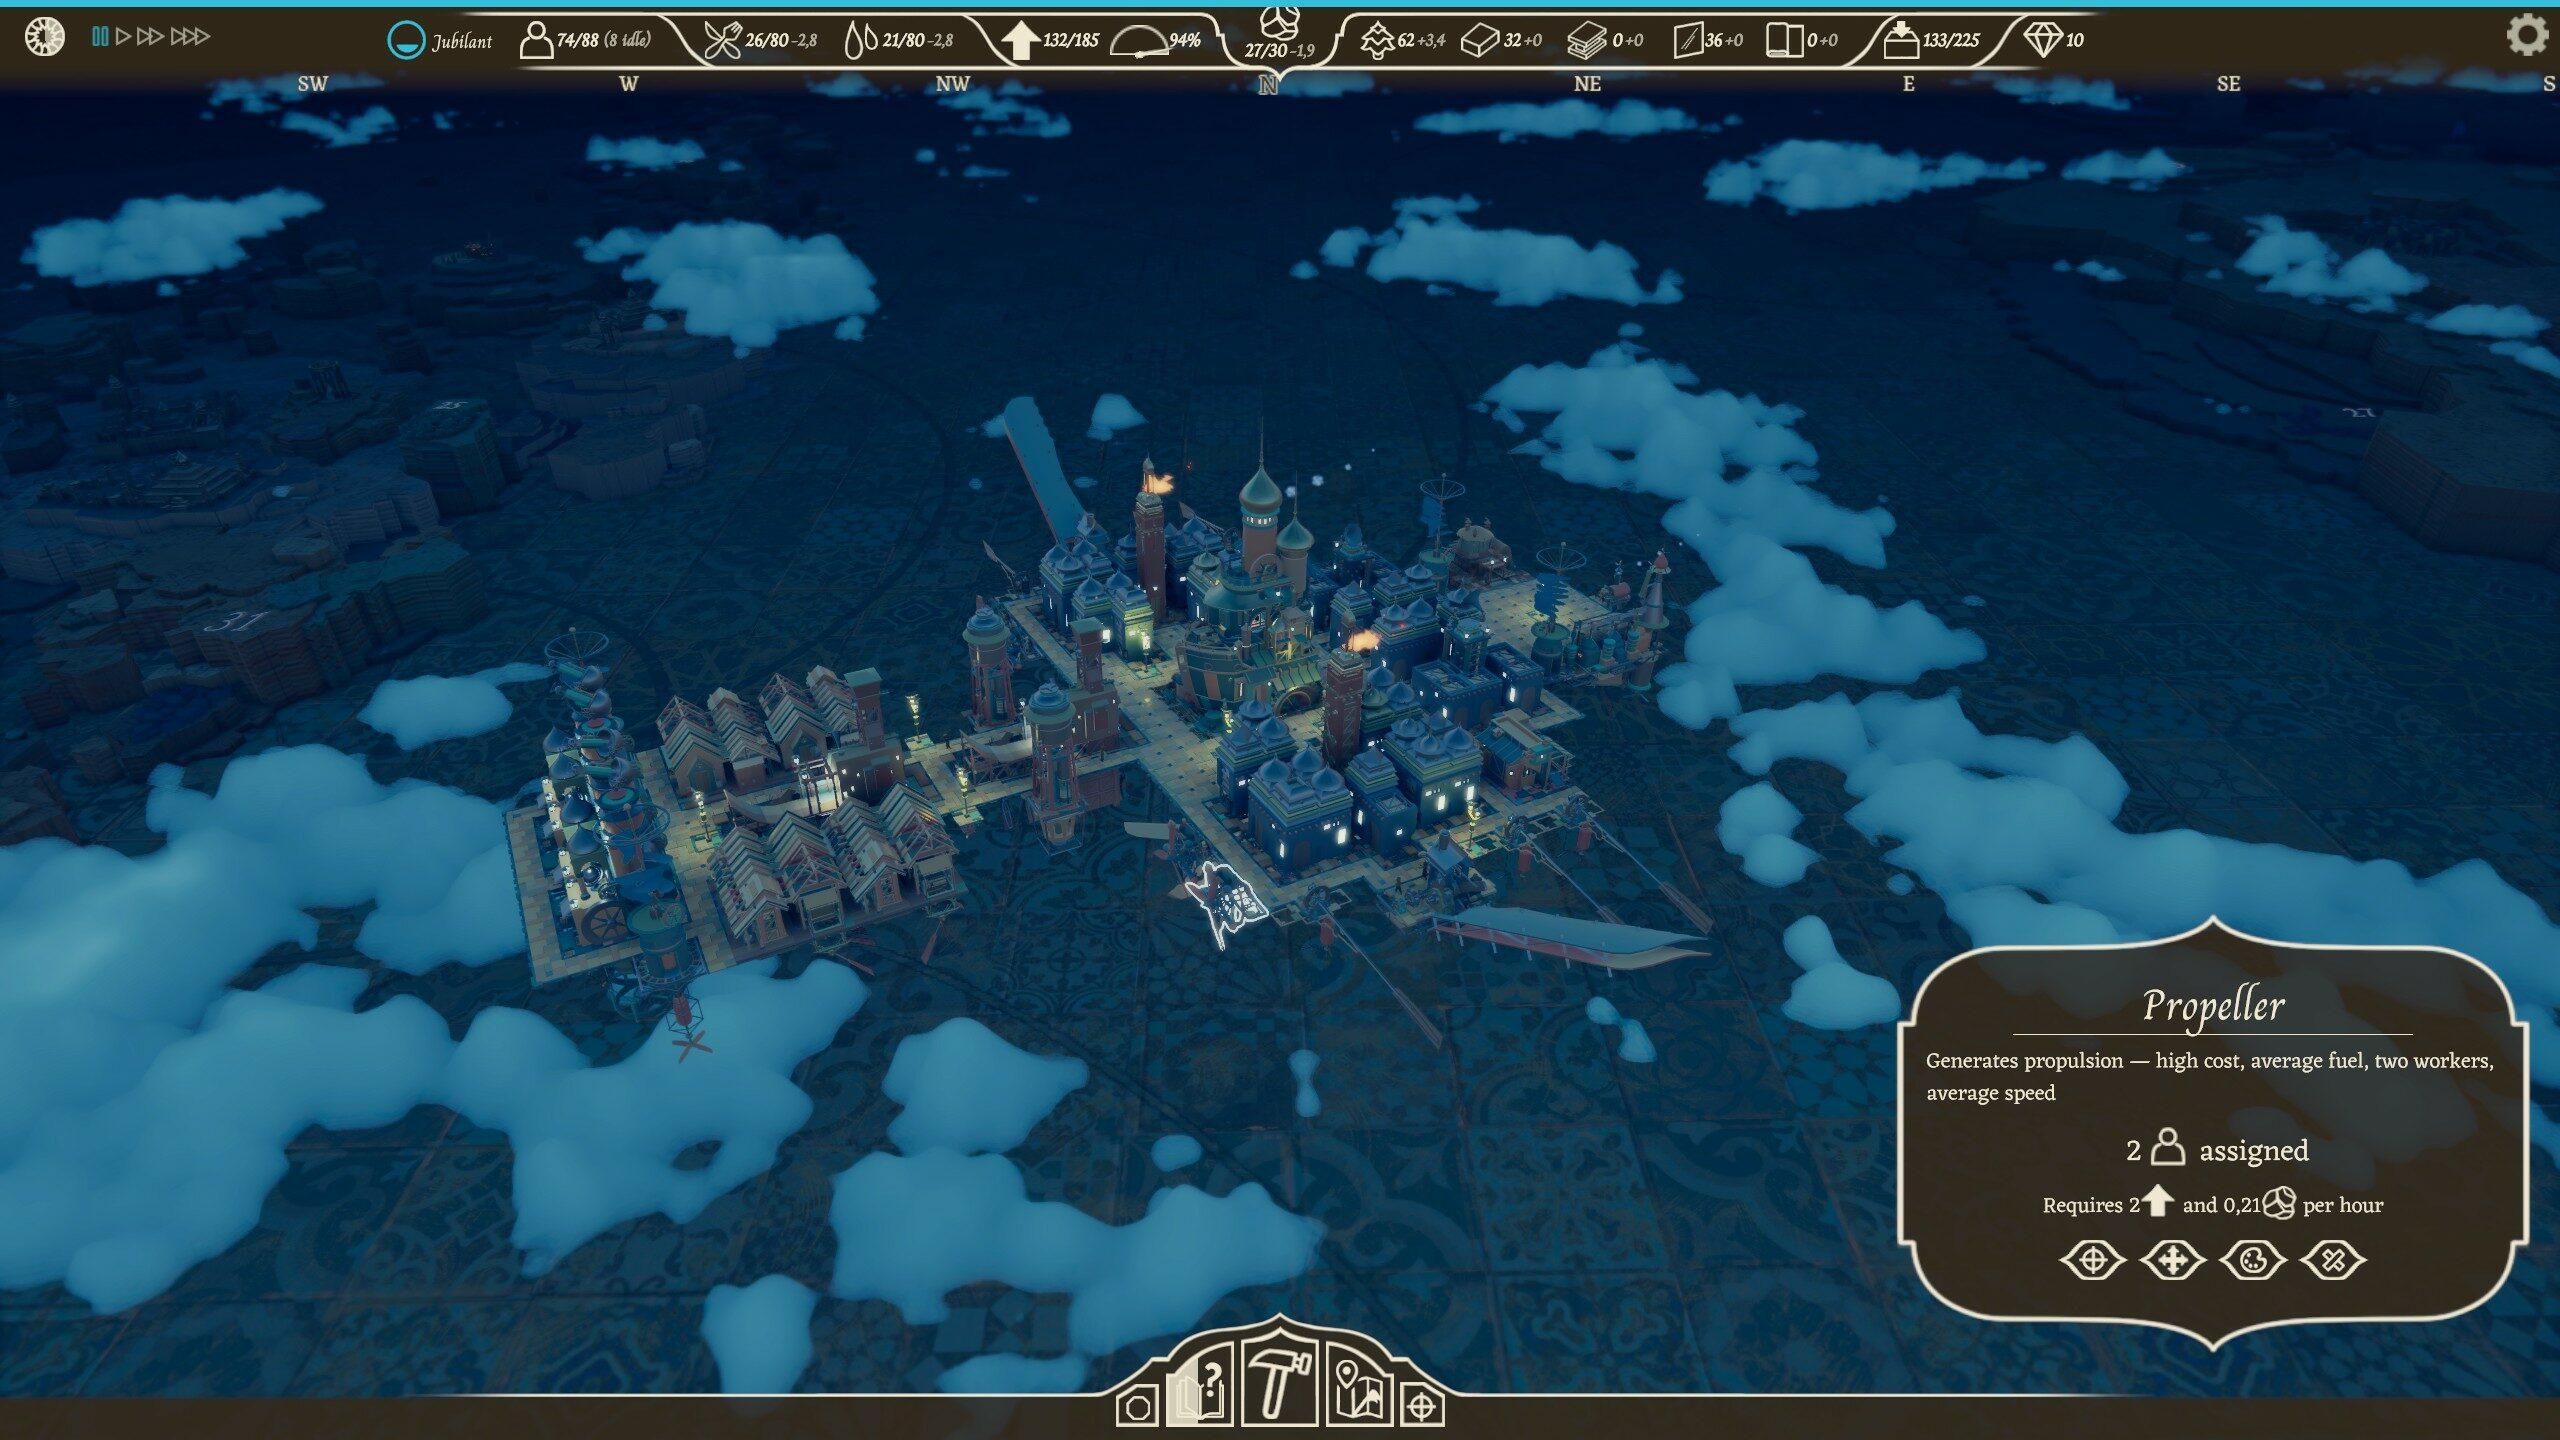 Un royaume de milieu de partie d'environ 90 habitants. Il faudra encore l'étendre un peu pour atteindre le seuil ultime des 150 habitants.